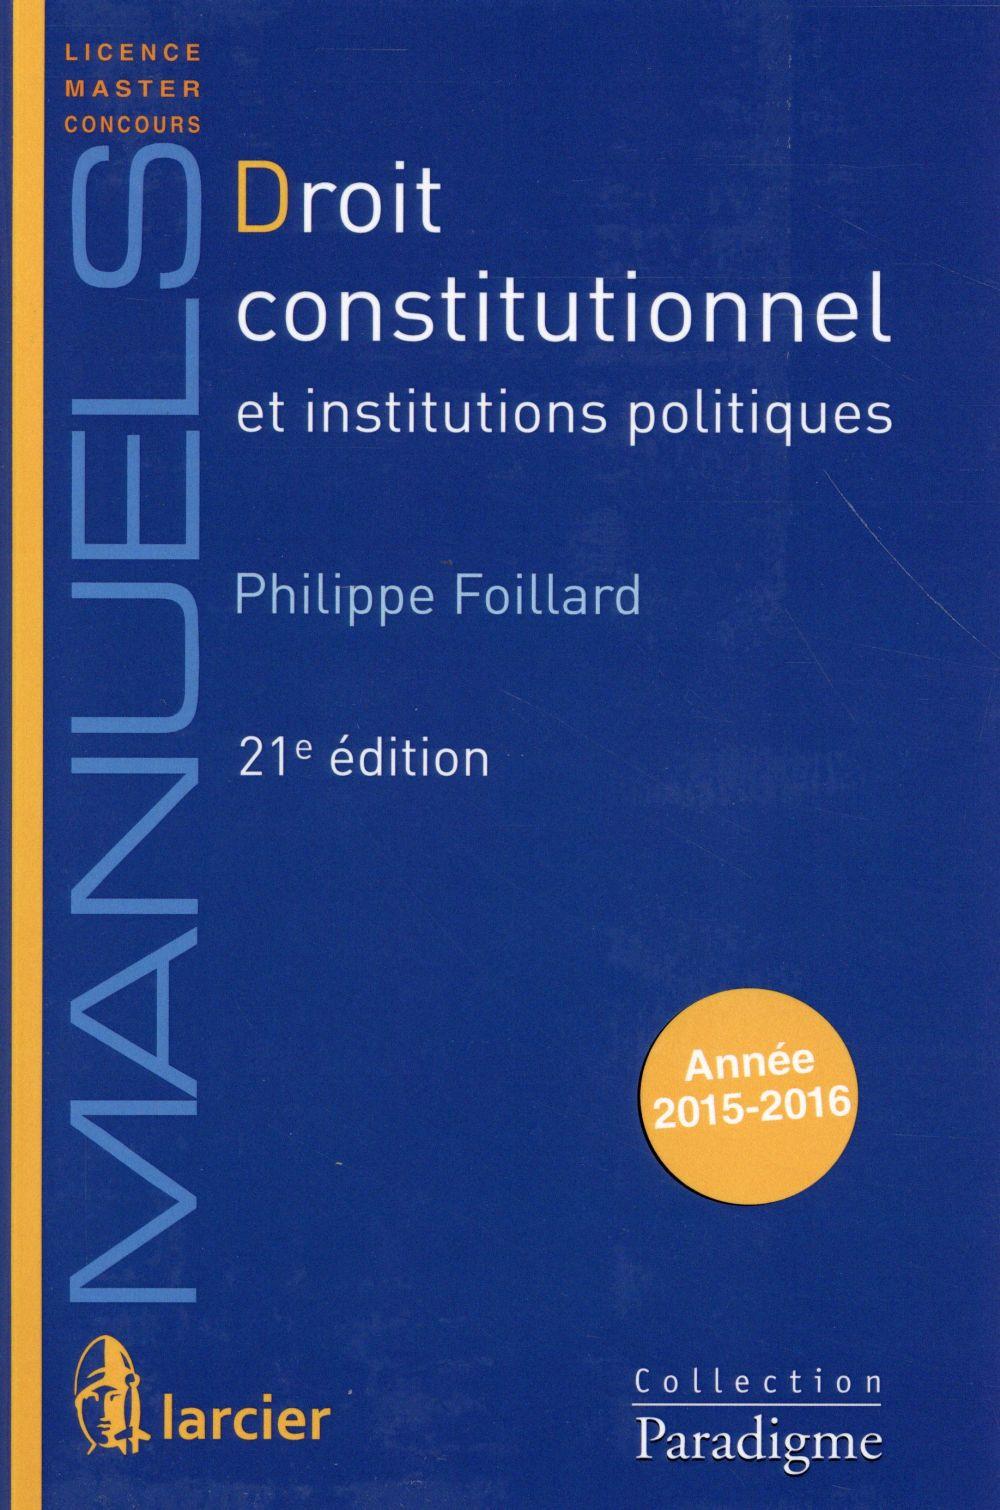 Droit constitutionnel et institutions politiques (21e édition)